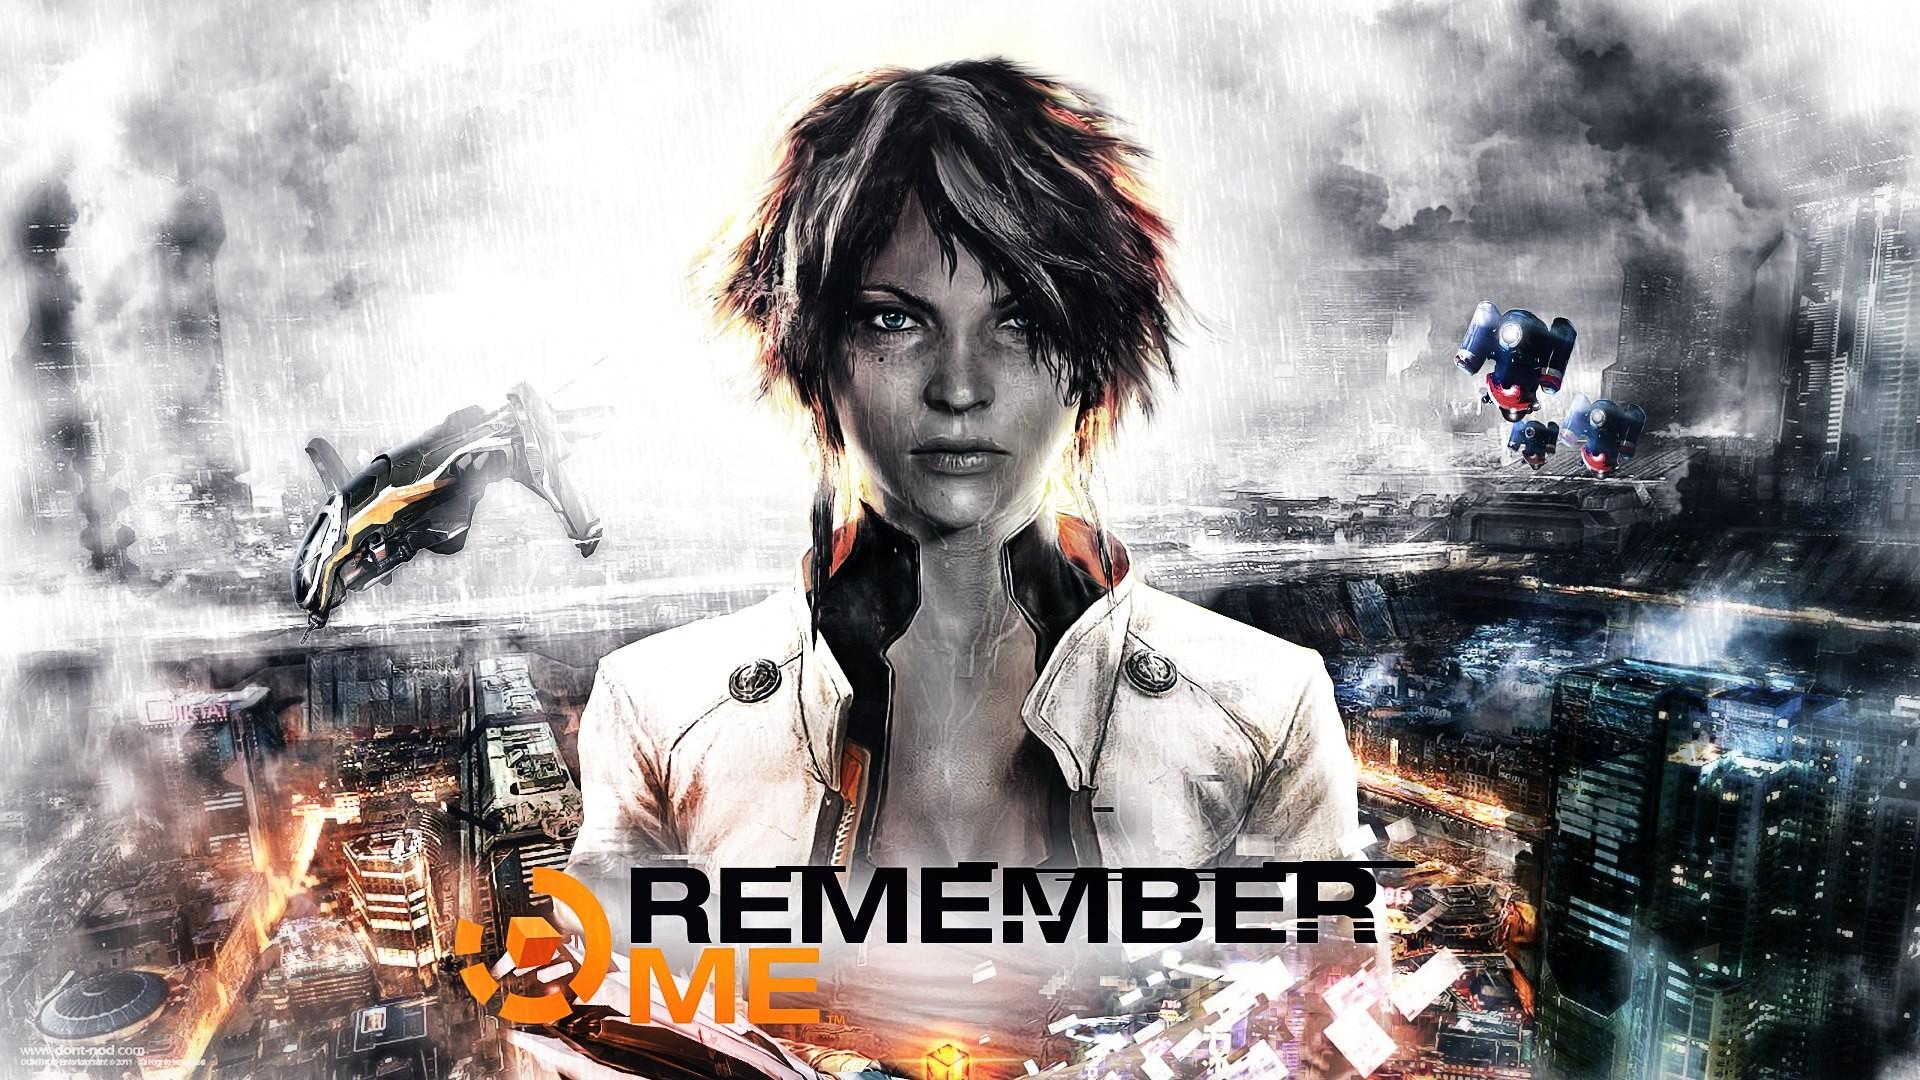 Remember Me PC Türkçe Altyazılı Başlangıç Bölümü # Geçmişi Unutmak